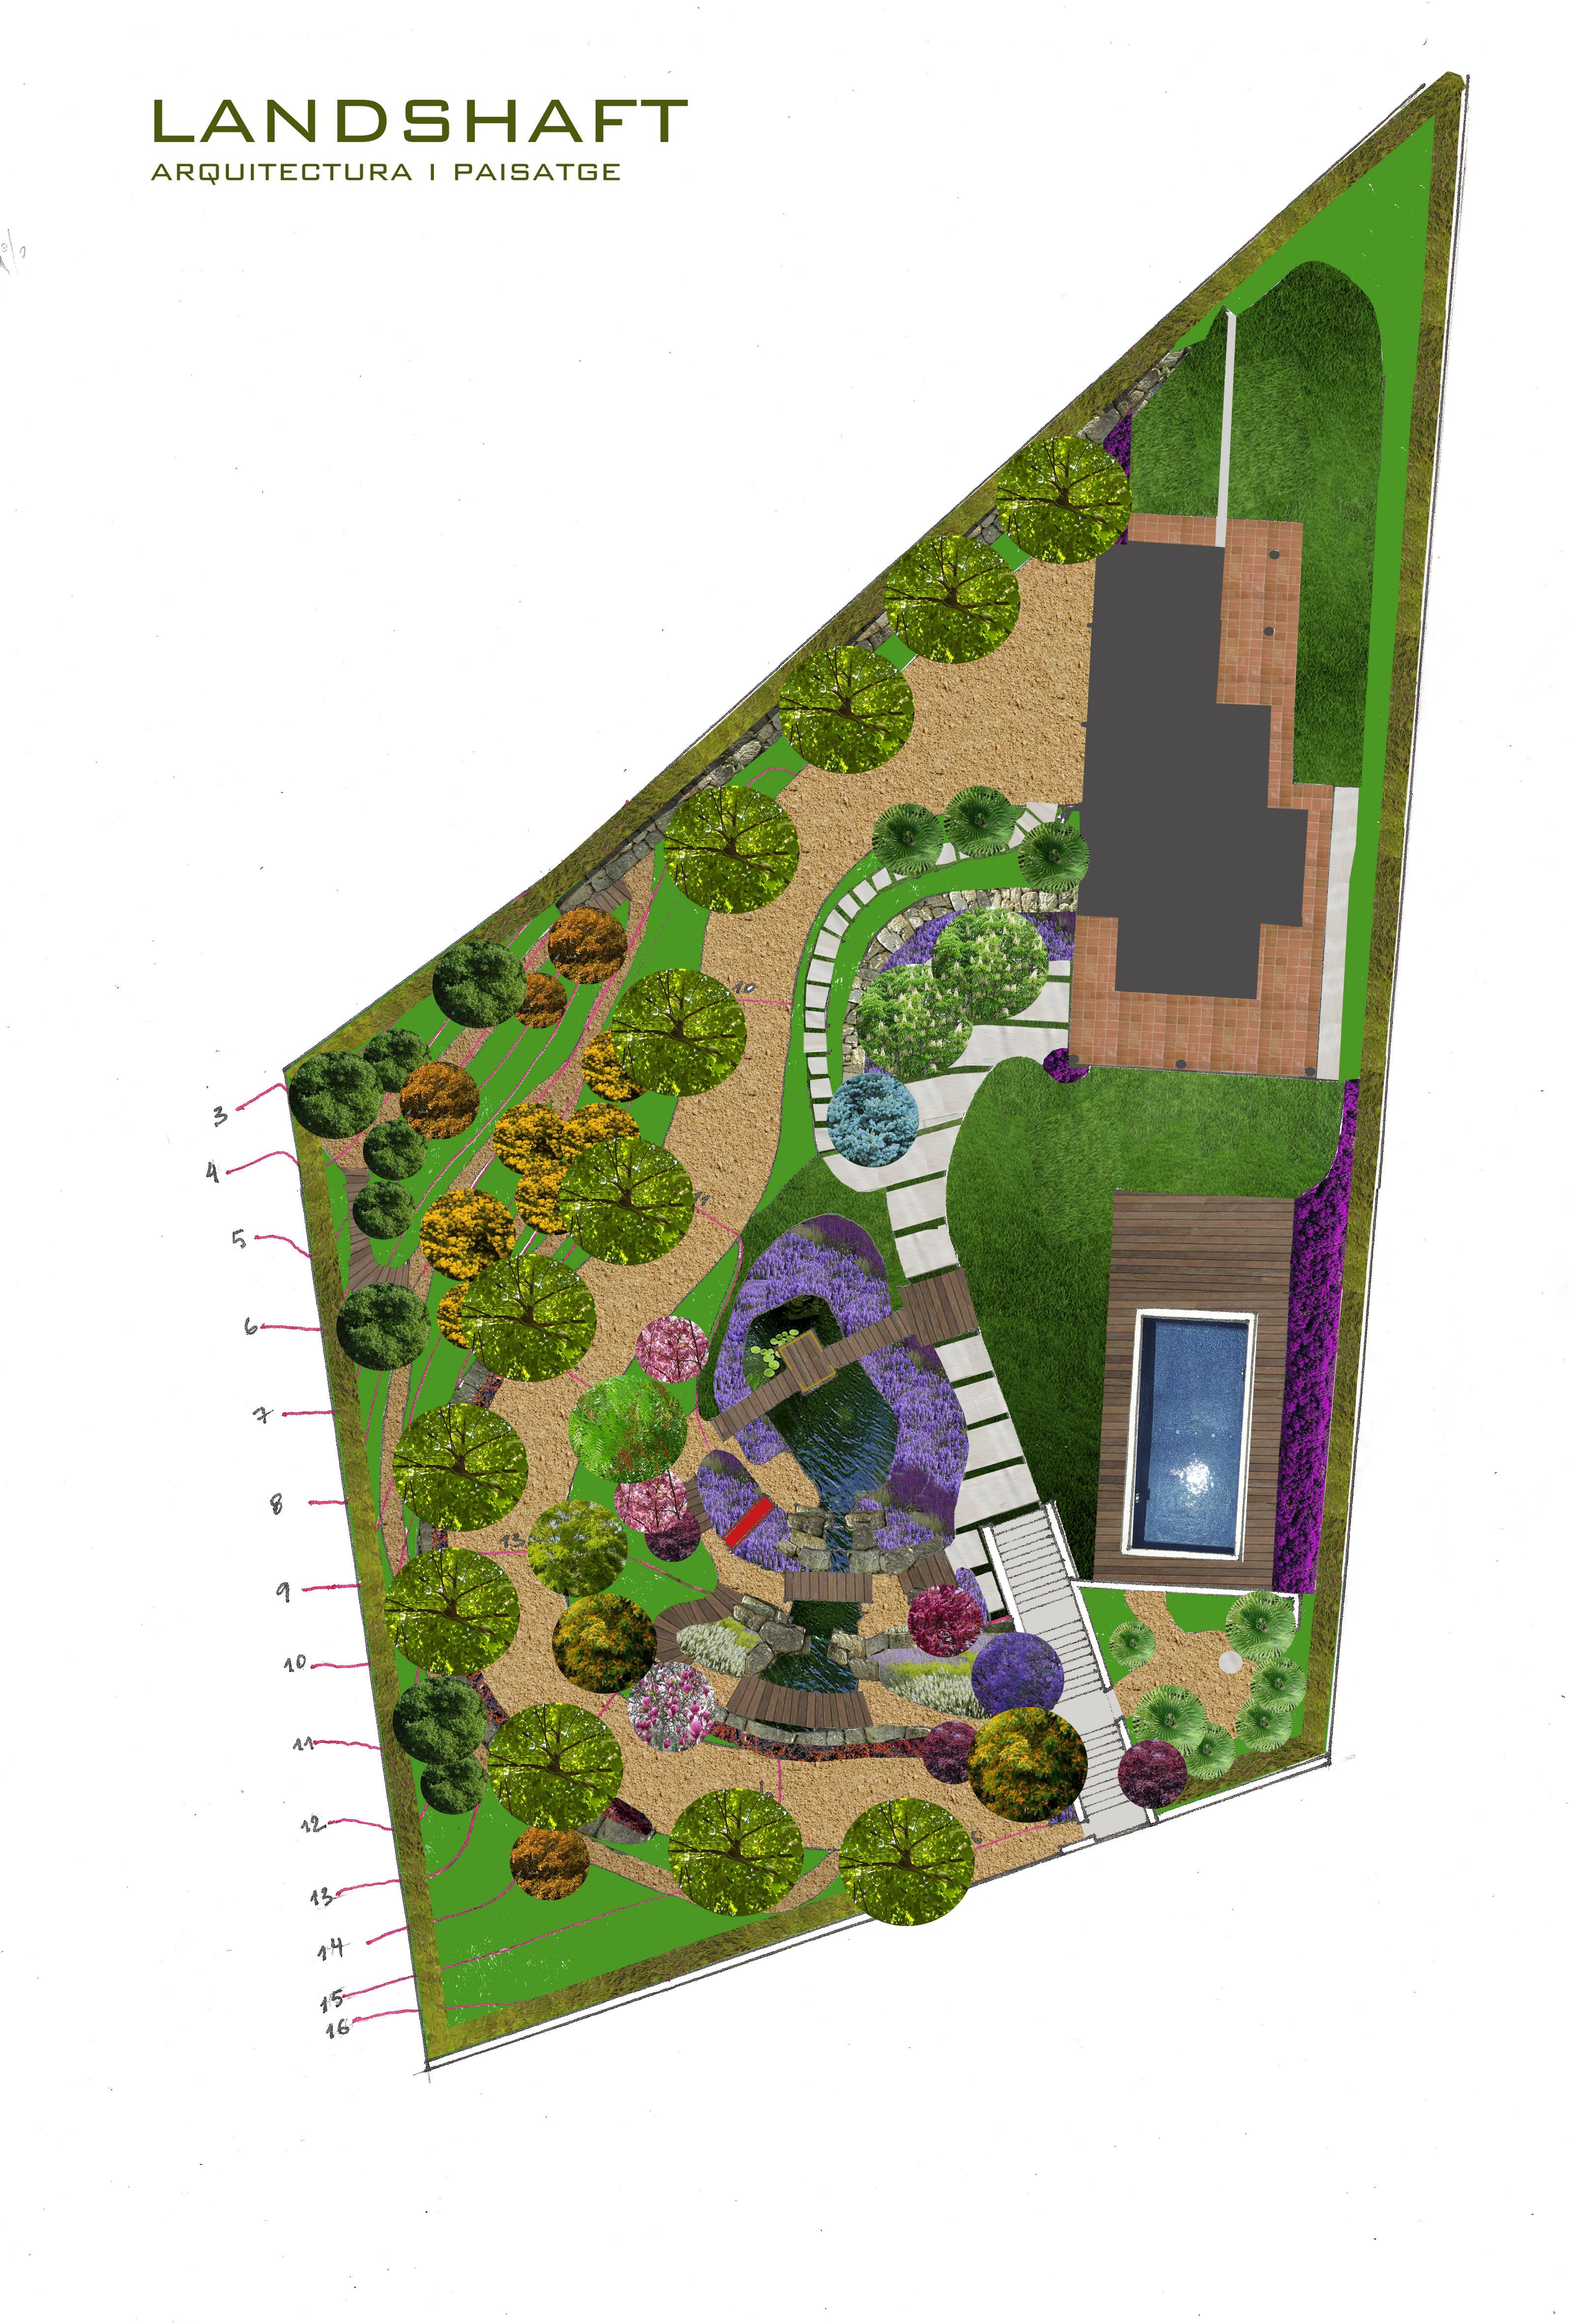 Dise o de jardines y espacios landshaft empresa de for Diseno de jardines barcelona